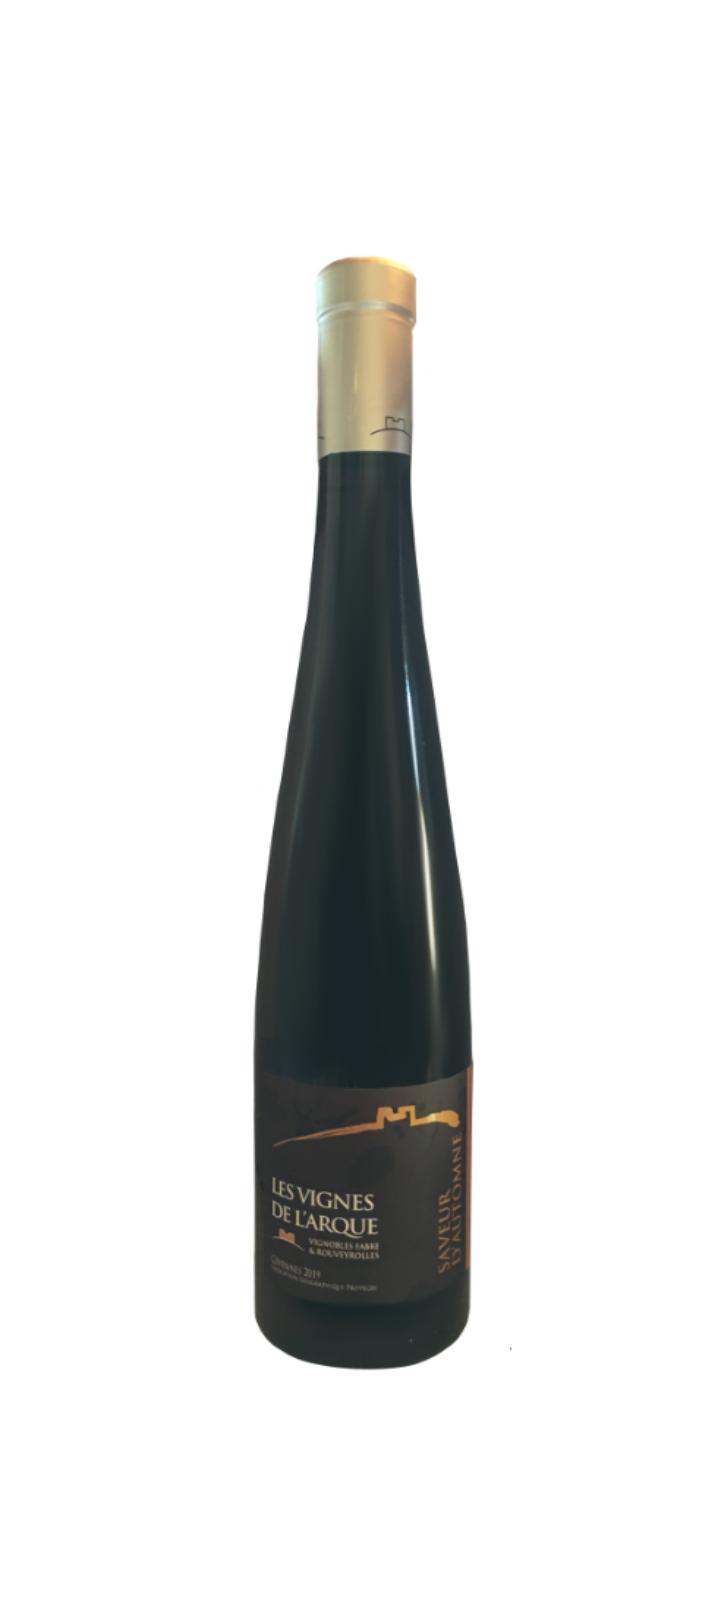 Vin doux - Saveur d'Automne  (Viognier récolté tardivement) - 2019 - BLANC